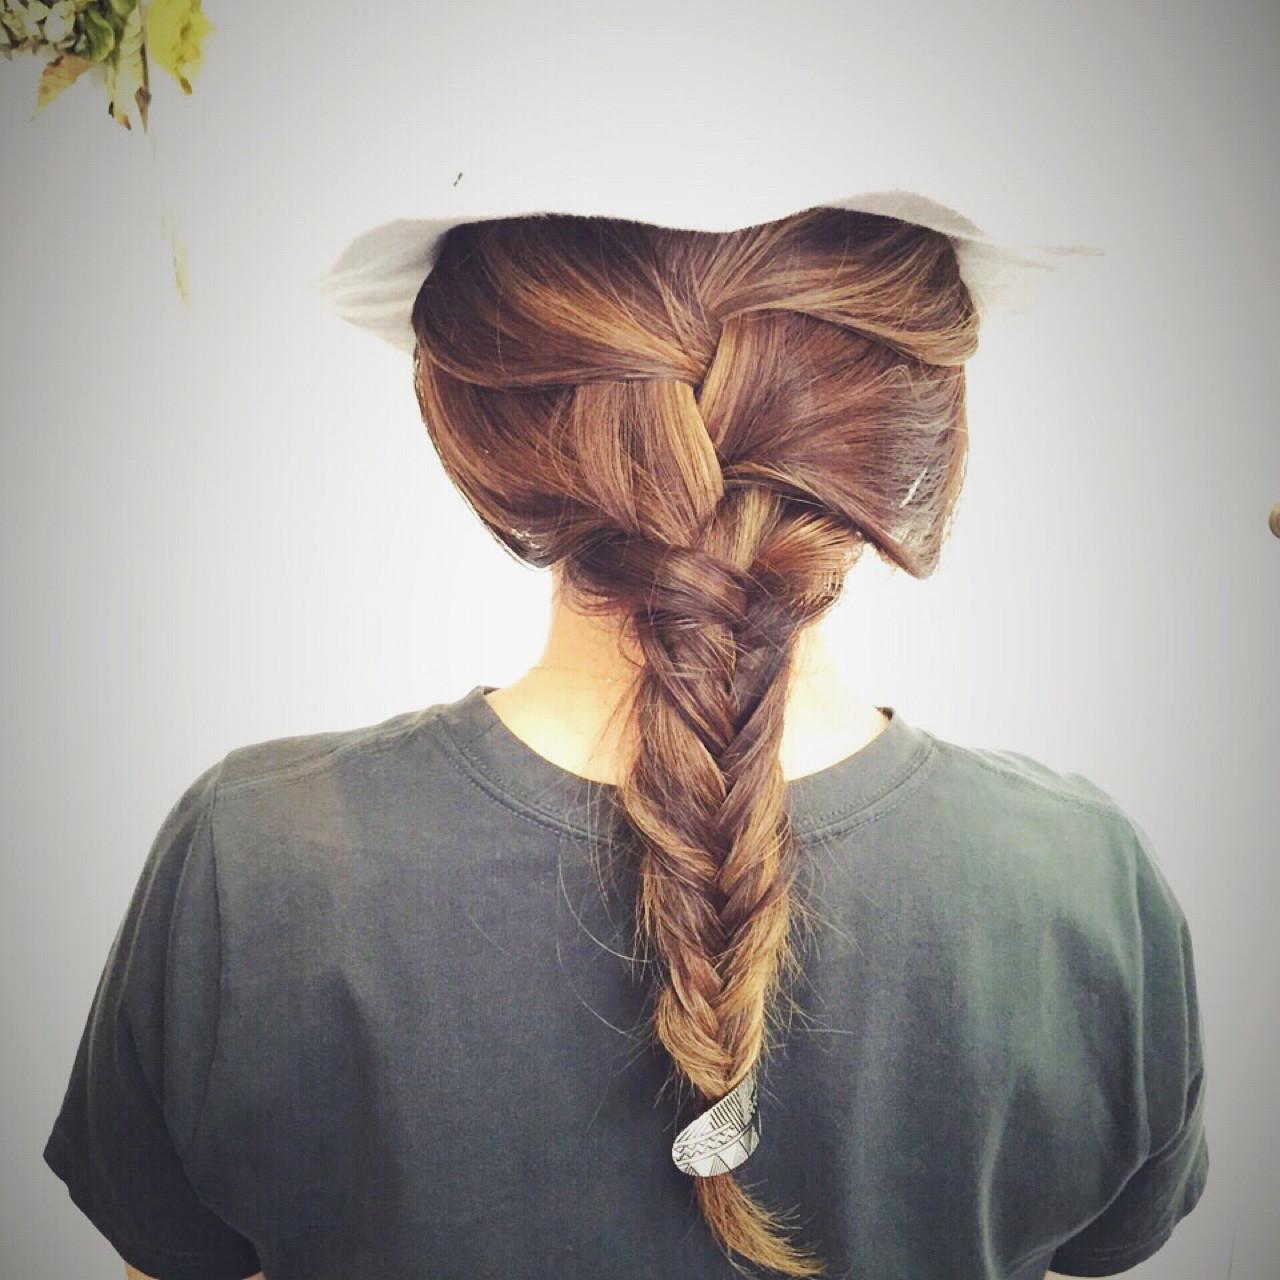 ヘアアレンジ フィッシュボーン 夏 セミロング ヘアスタイルや髪型の写真・画像